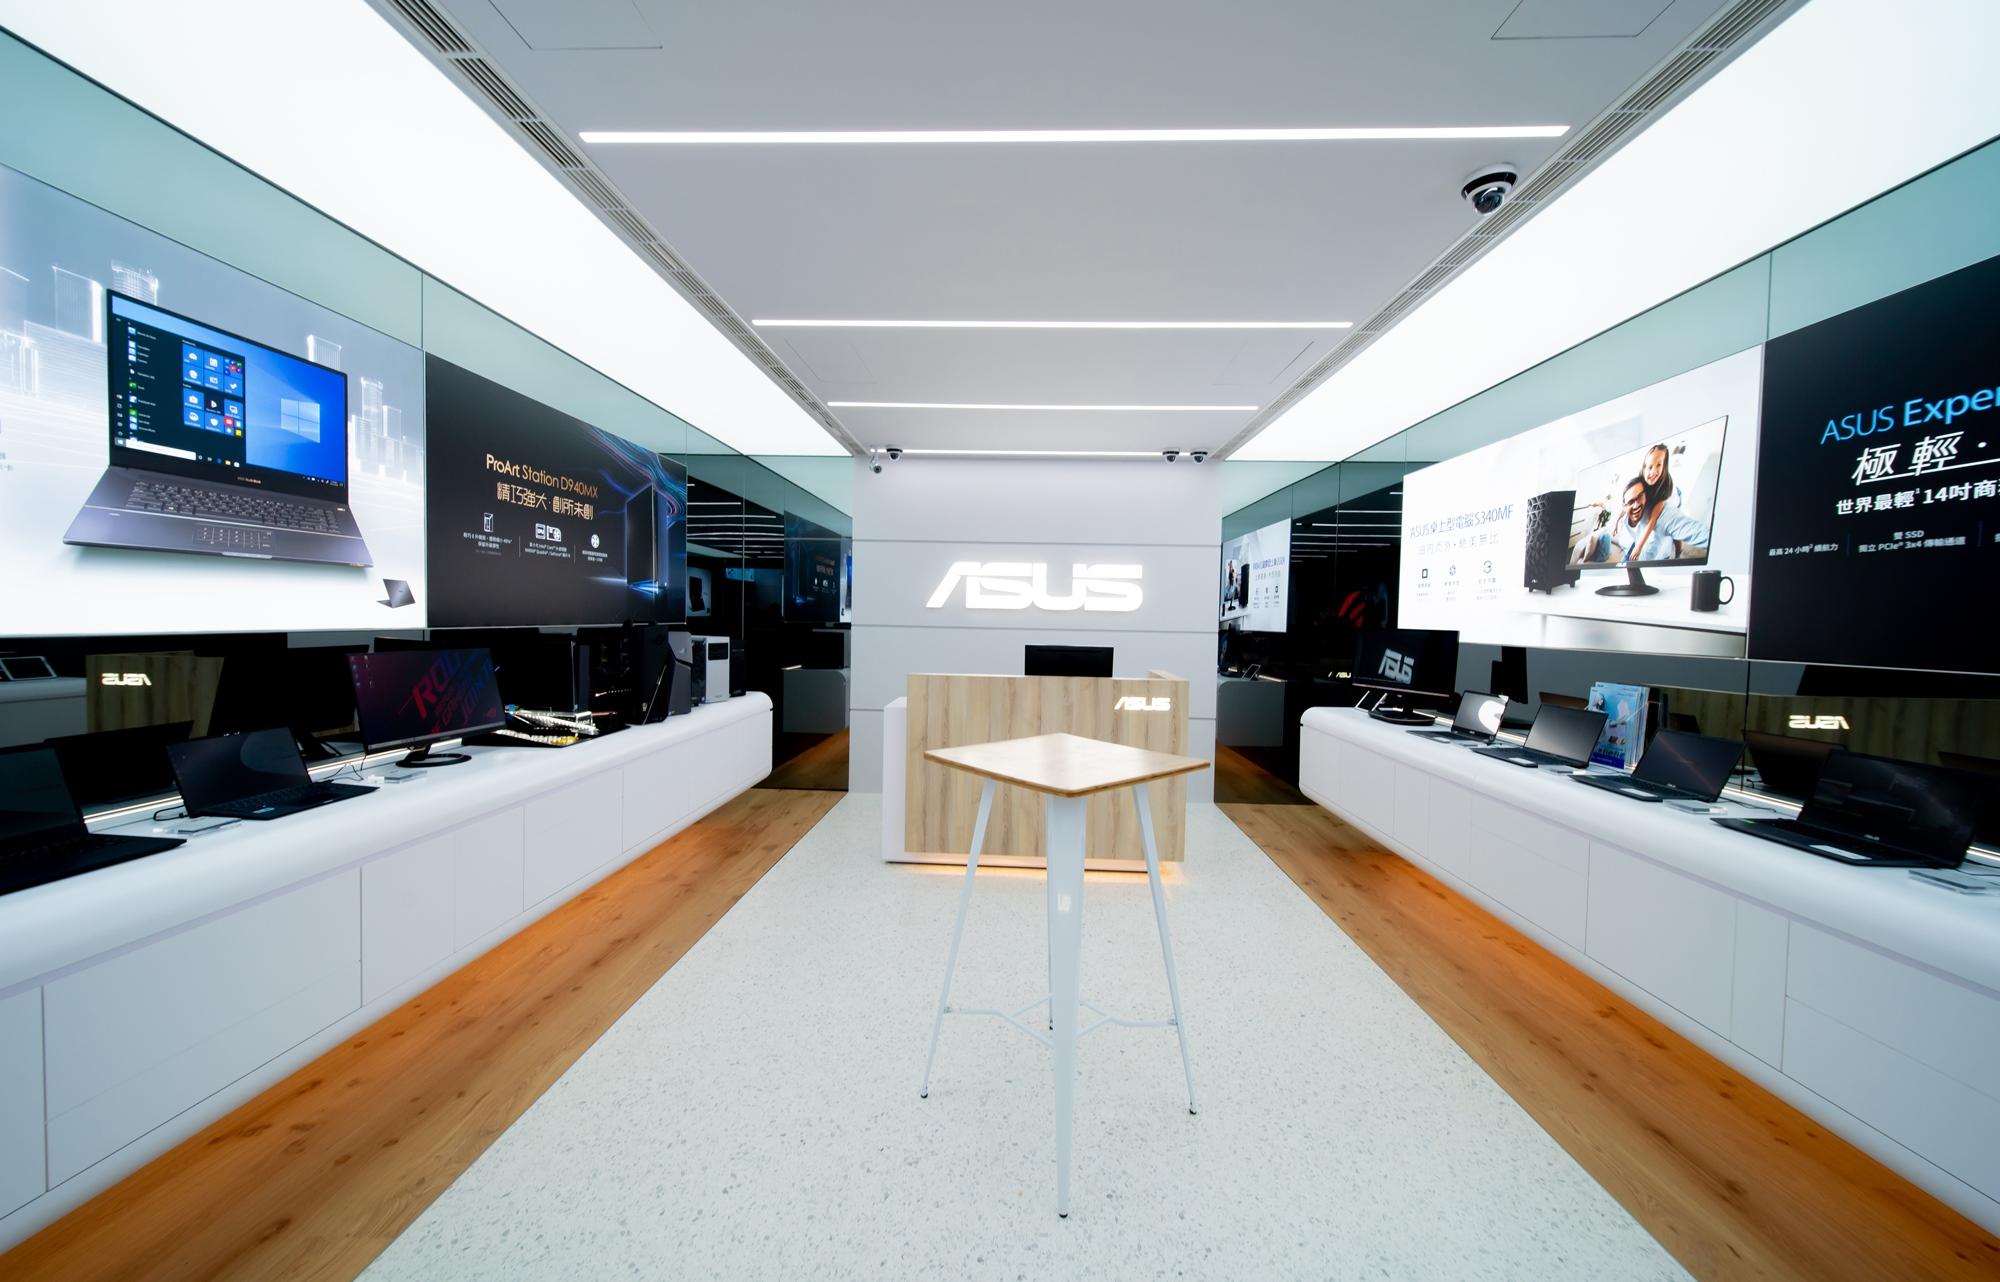 ASUS台北八德旗艦店舉辦ASUS VIP會員新品鑑賞會等活動,期許能給顧客最貼心的服務與愉悅的消費體驗。